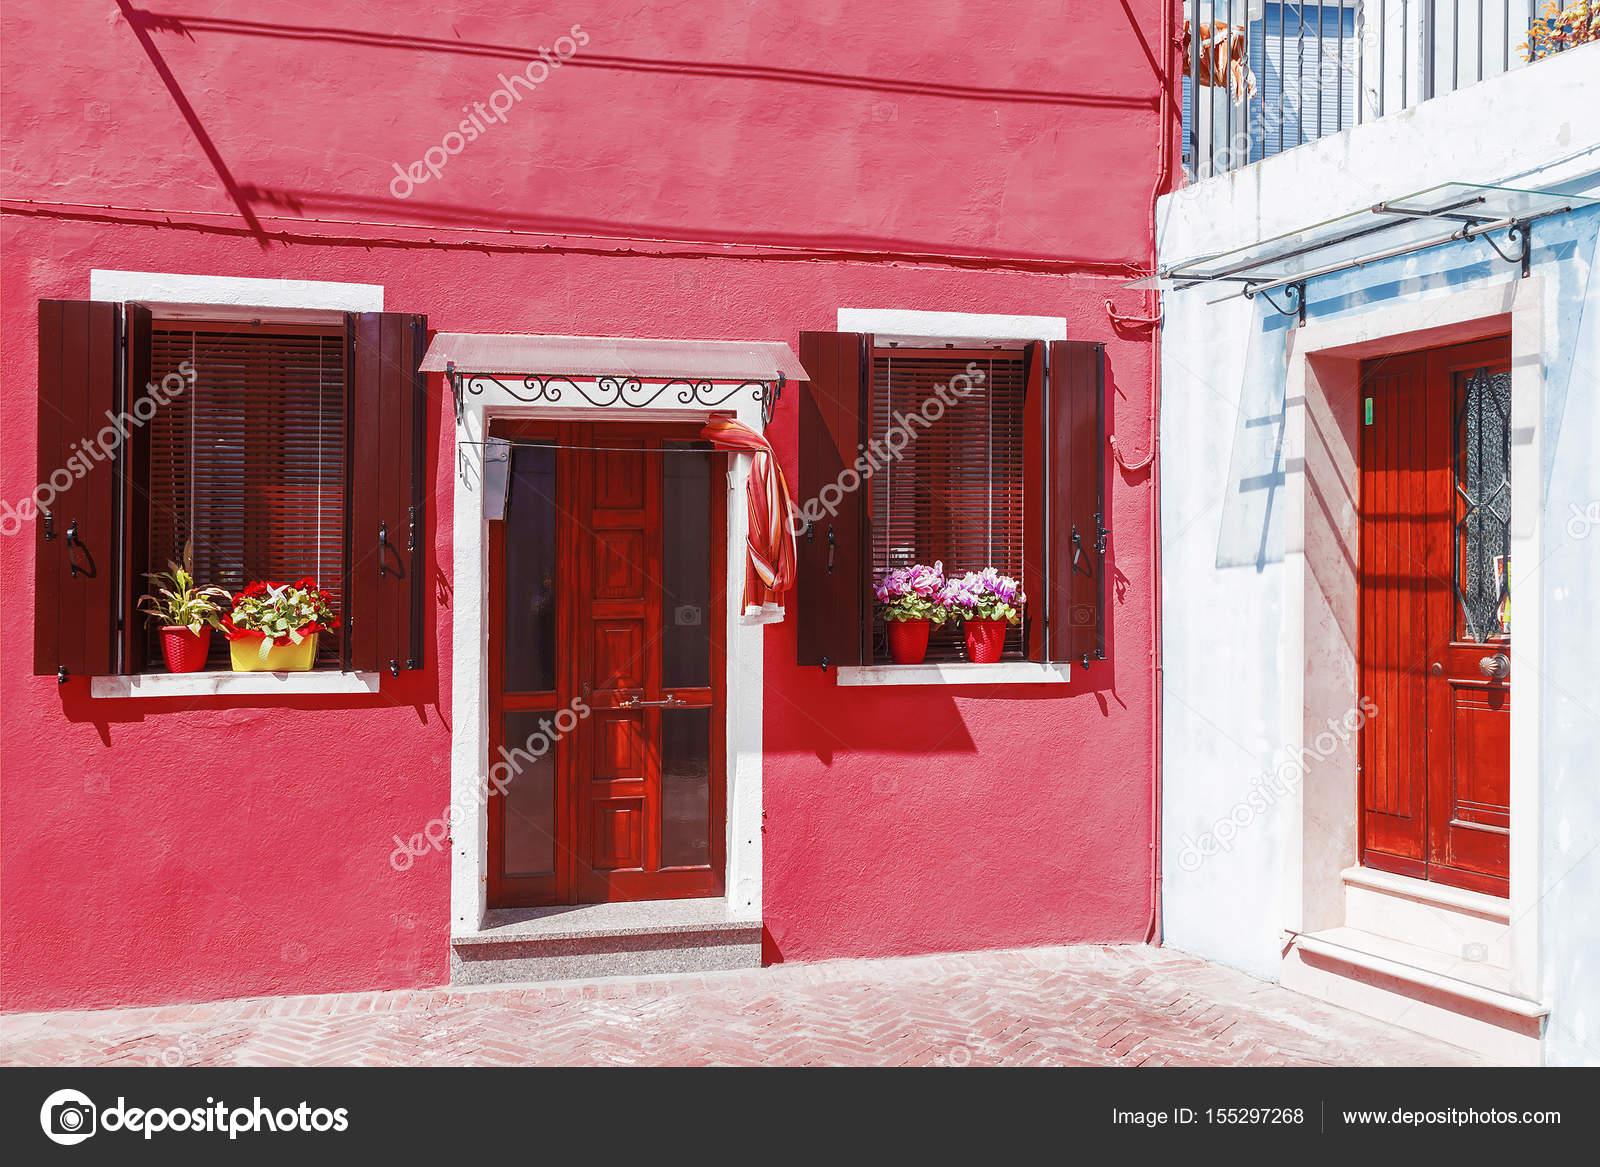 Colores fachadas de la isla de Burano — Foto de stock © deb-37 ...